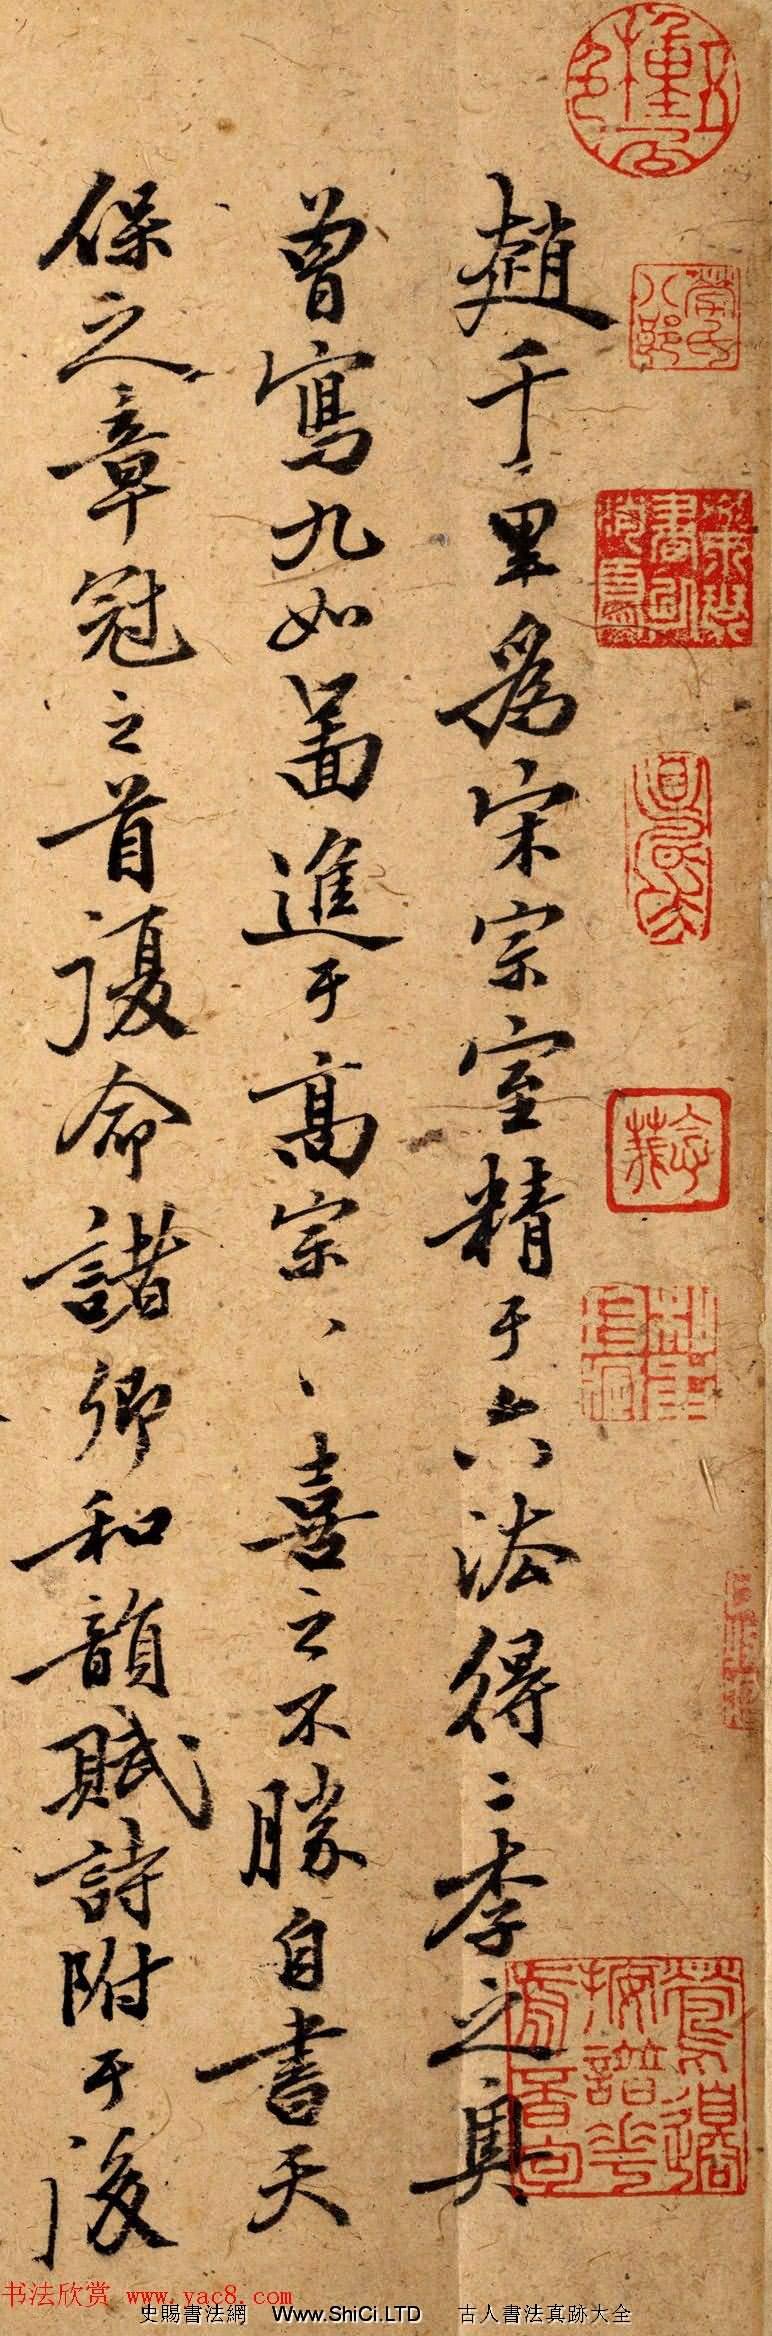 元代鄭元佑左手寫字題跋墨跡